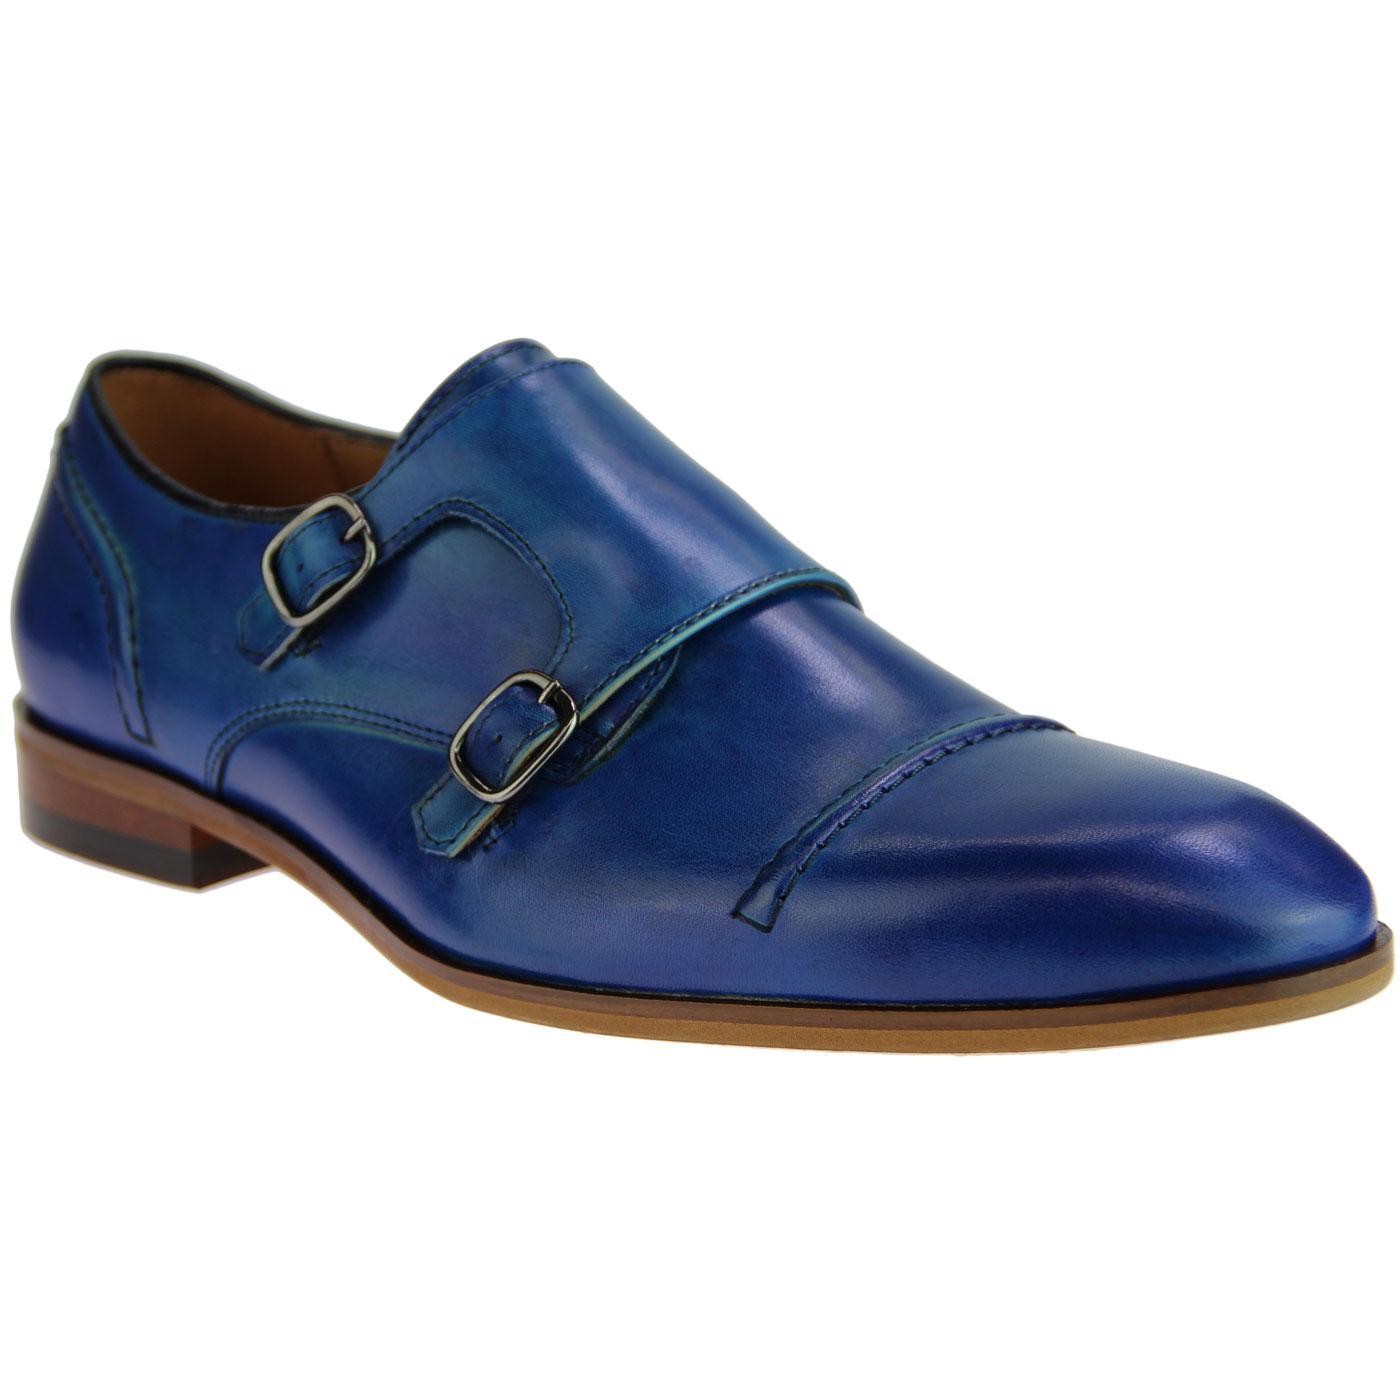 LACUZZO Men's Retro Mod Double Monk Shoes (Blue)